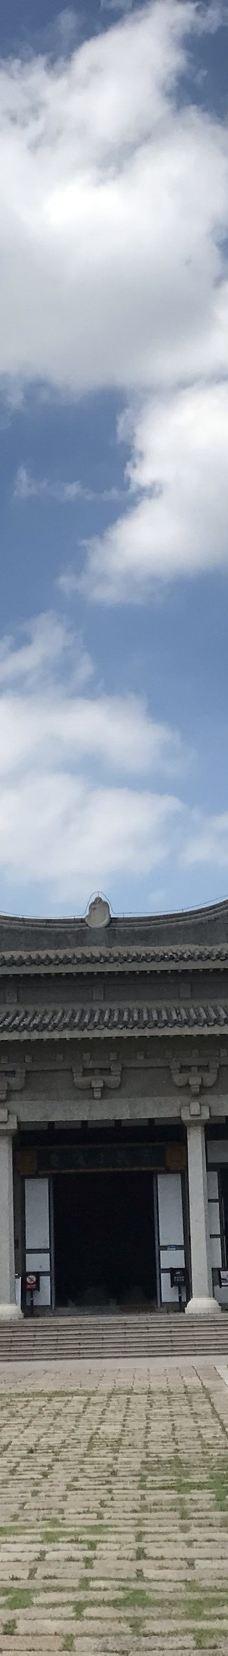 汉广陵王墓博物馆-瘦西湖旅游度假区